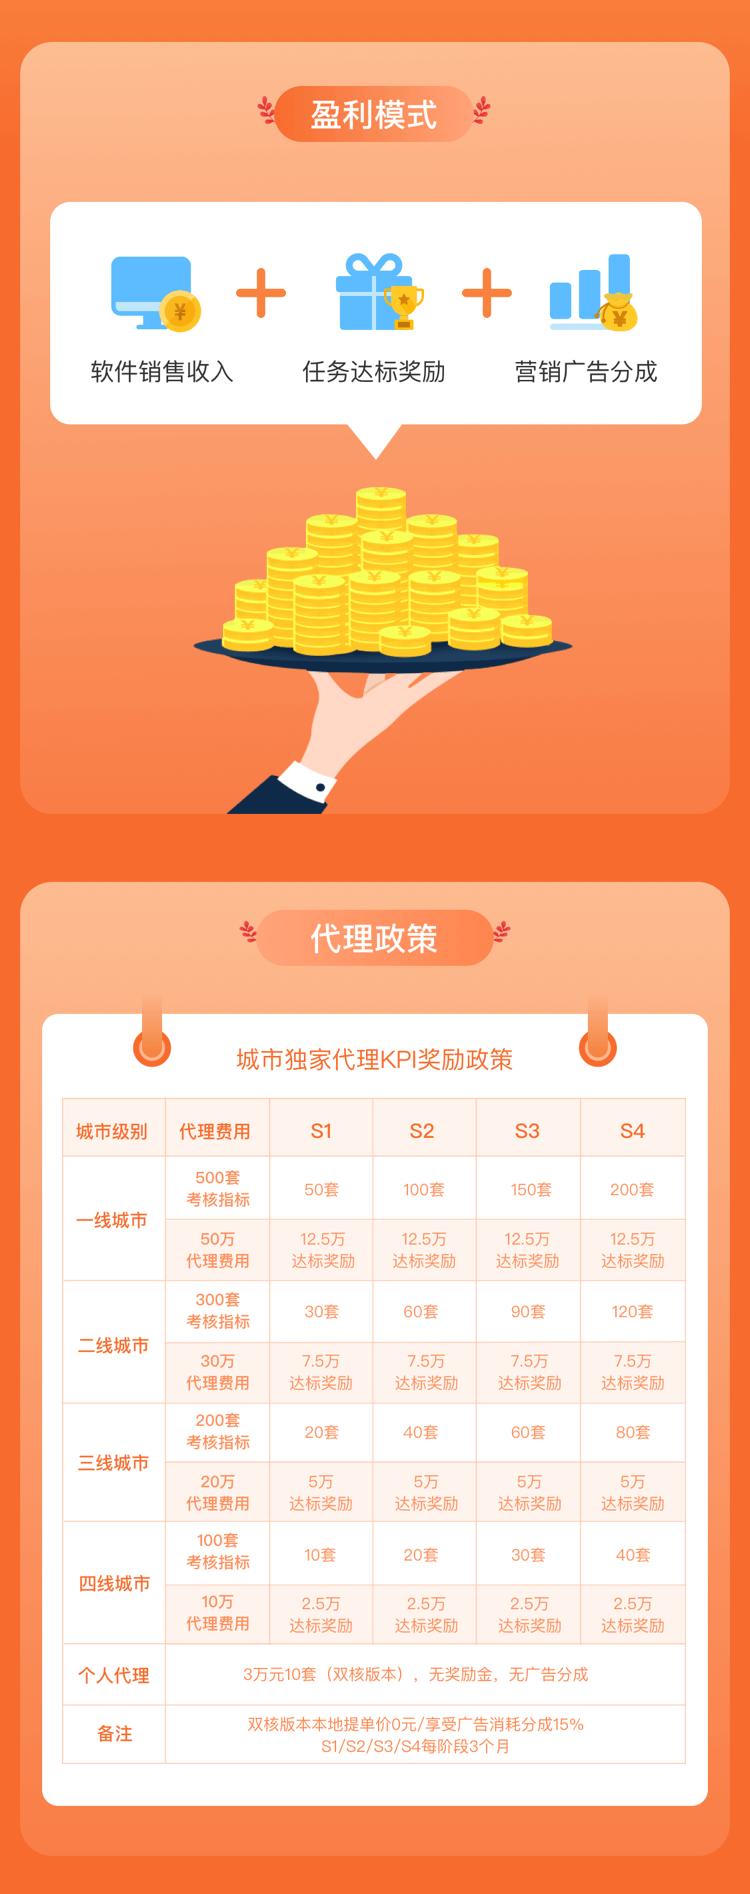 4盈利模式+代理政策@2x.png